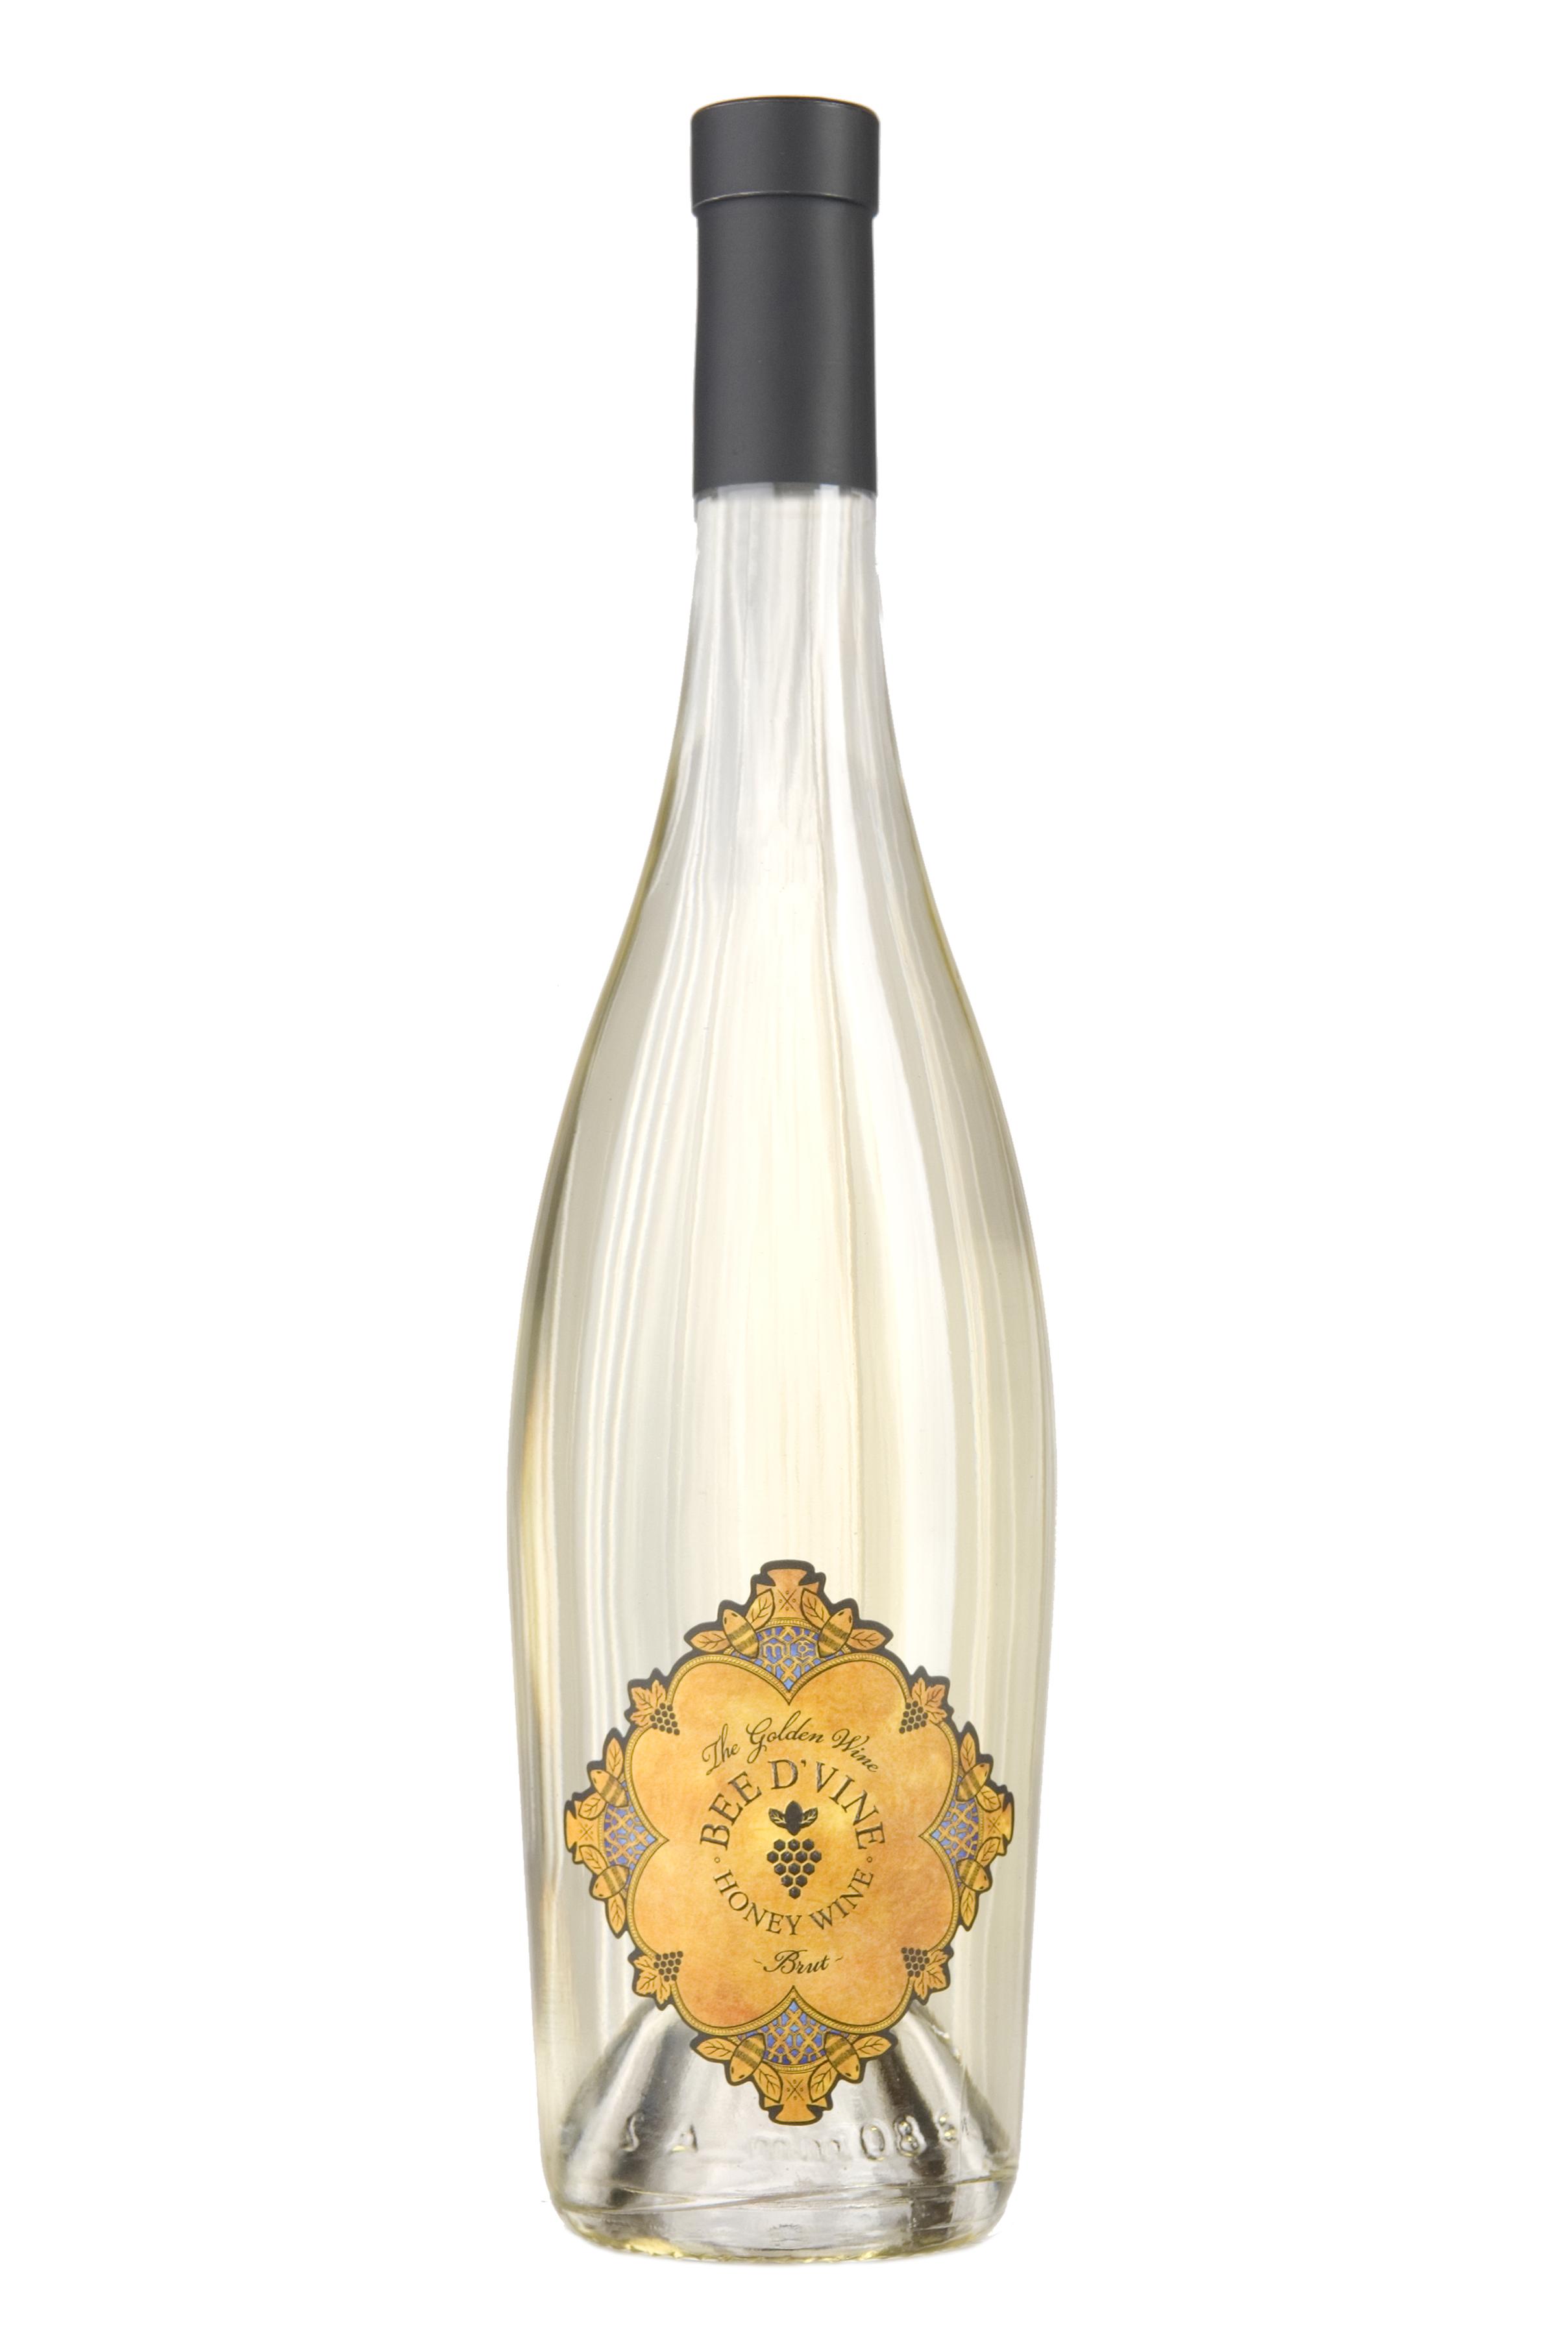 Bee d'Vine Demi-SecHoney Wine